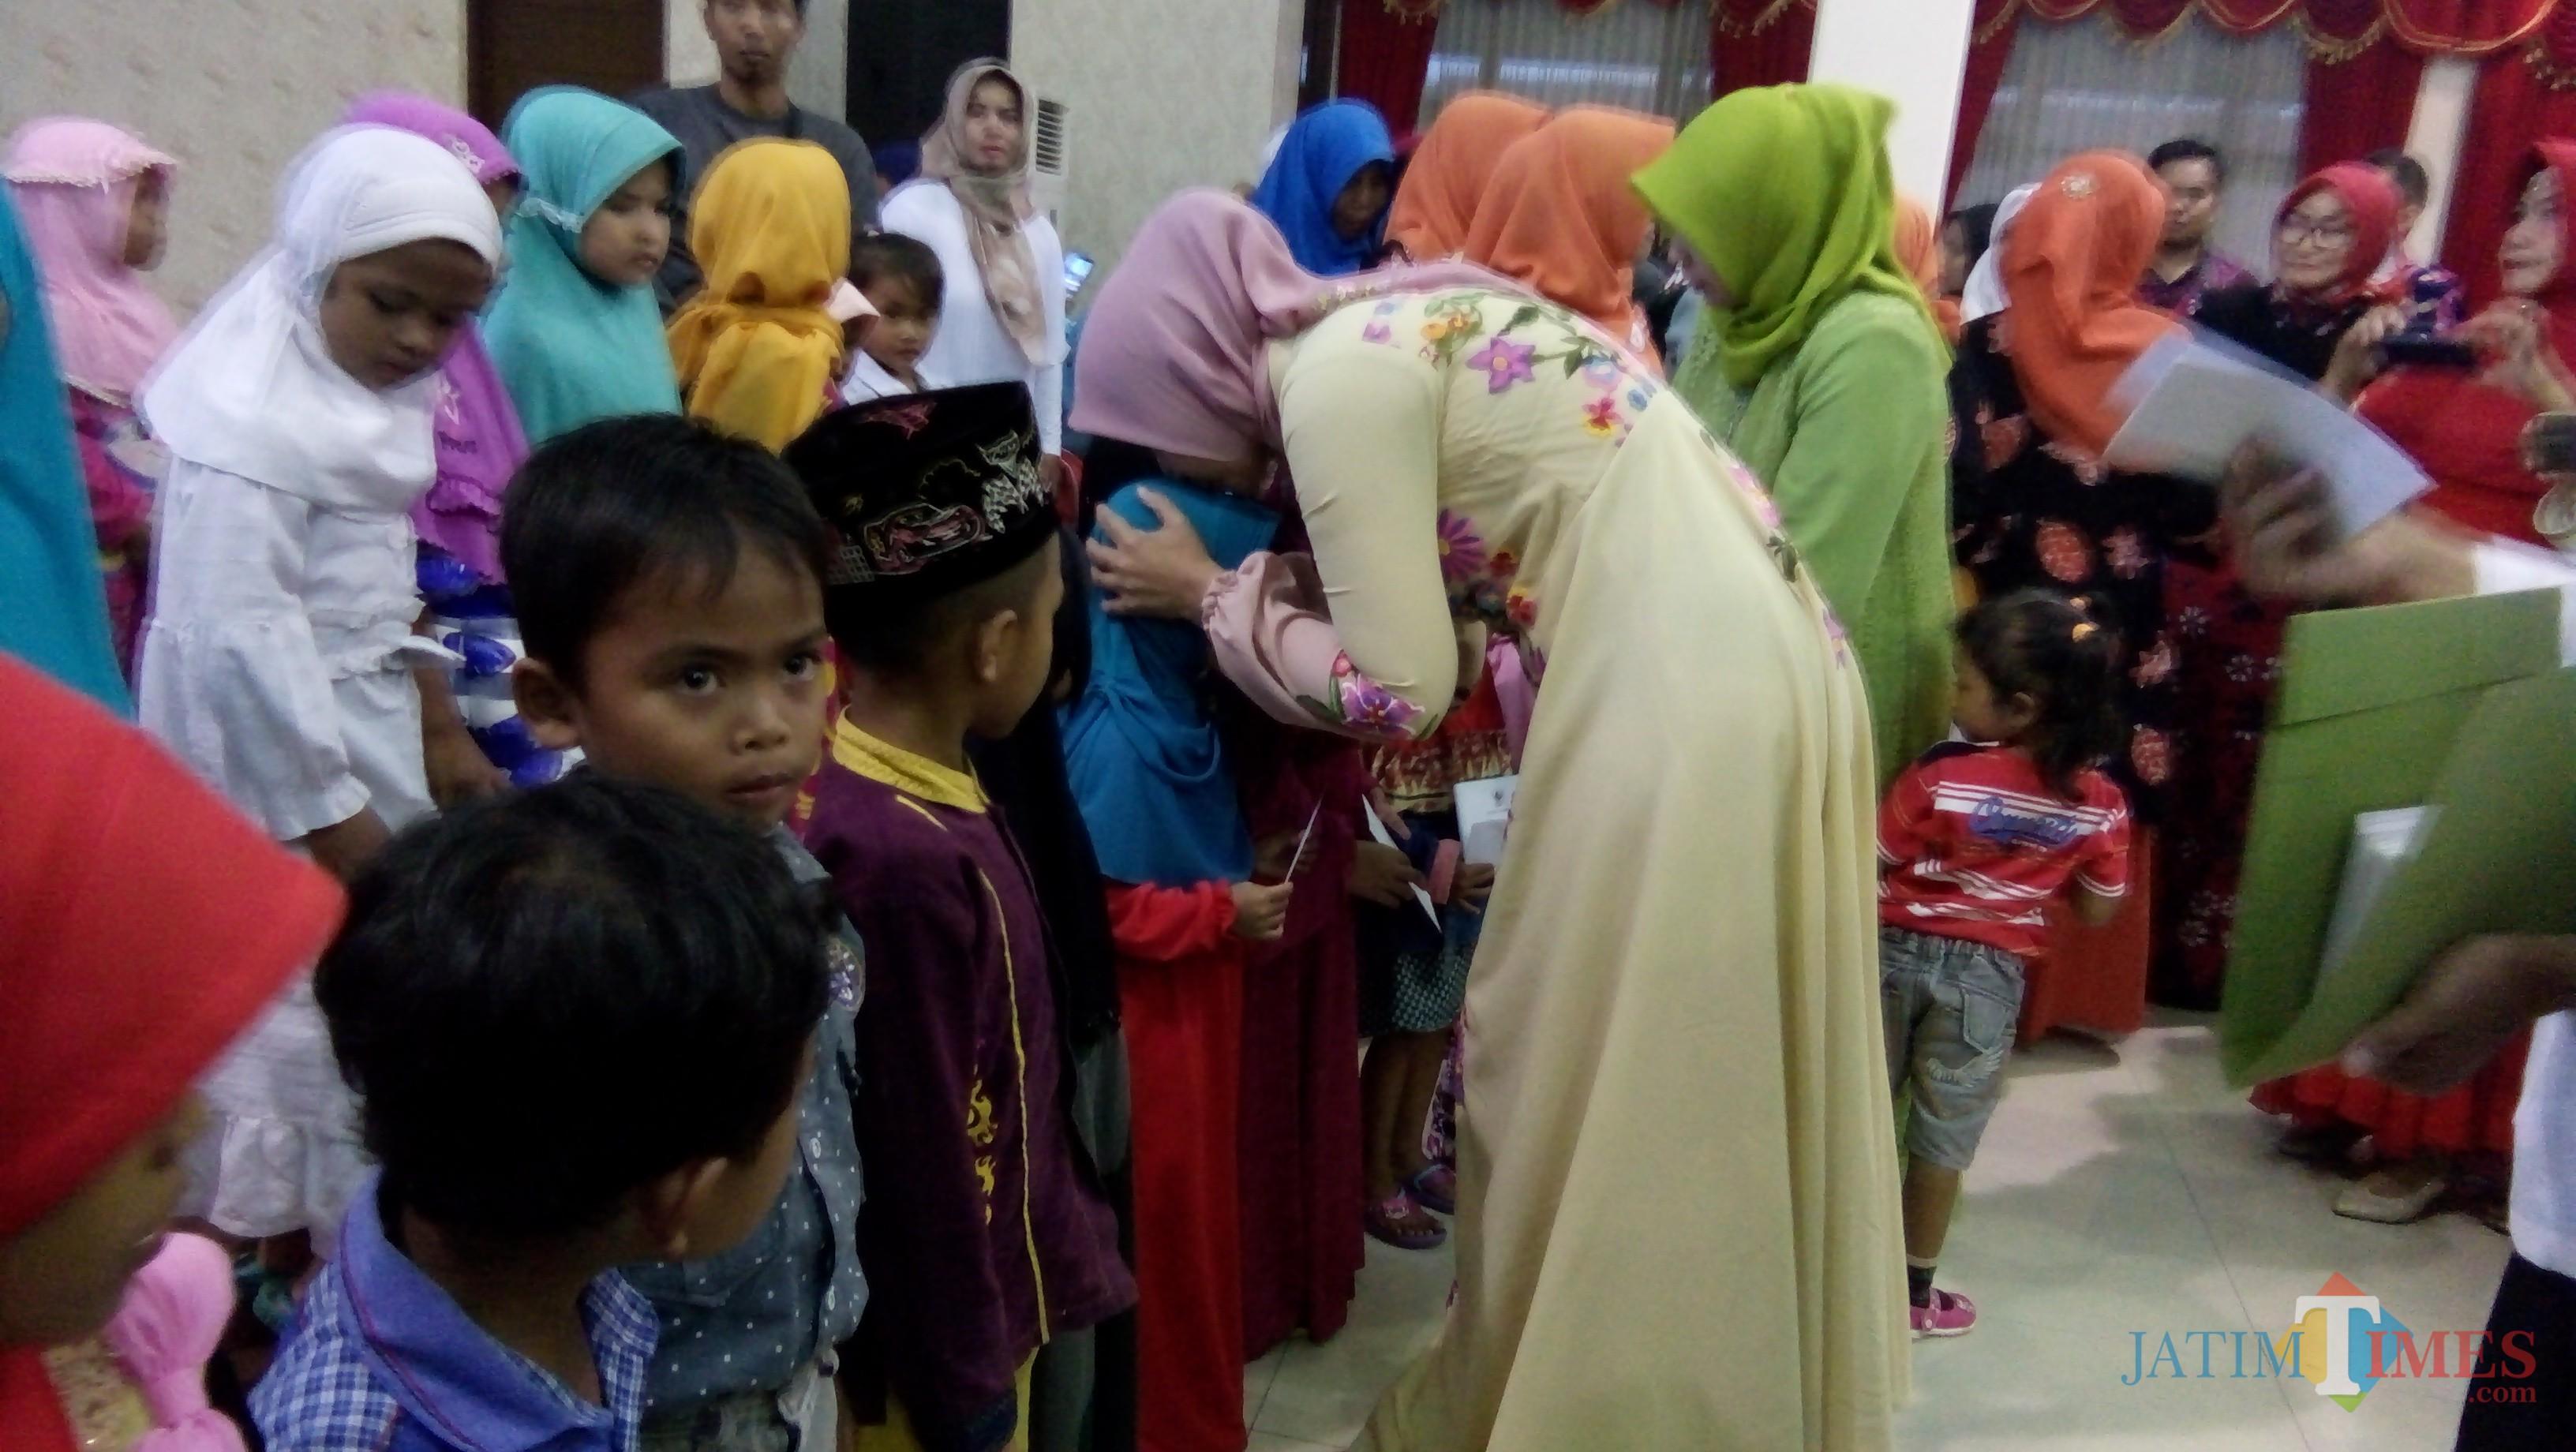 Ratusan anak yatim dan yatim piatu saat menerima santunan dan bingkisan dari Bupati dan komunitas wanita yang ada di Jember (foto : Moh. Ali Makrus / Jatim TIMES)